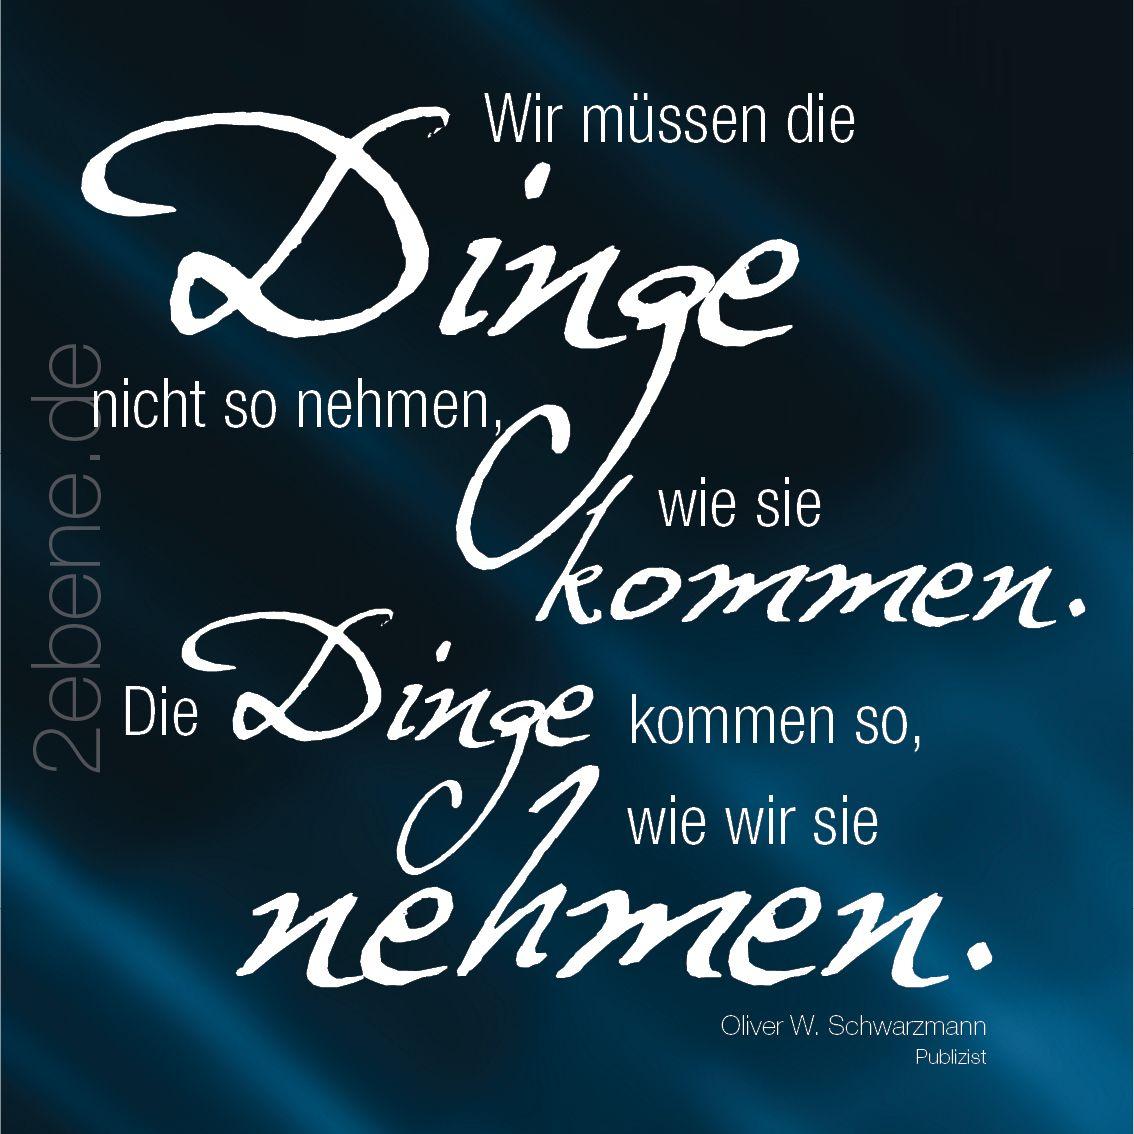 Wir müssen die Dinge ... Zitat: Oliver W. Schwarzmann Design: Nick Bley Jetzt bei amazon erhältlich. http://amazon.zweiebene.de